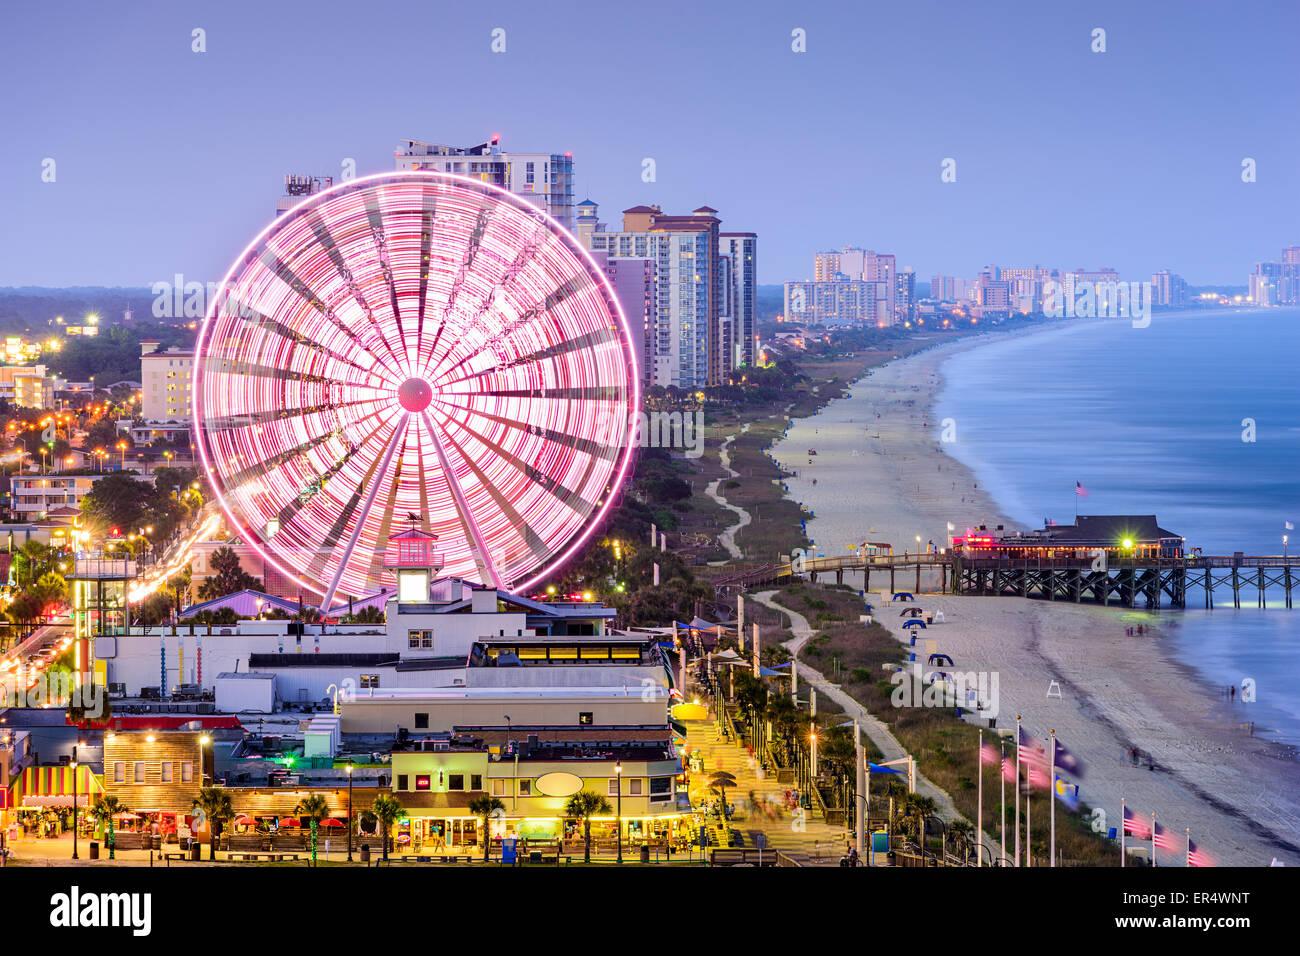 Myrtle Beach, Caroline du Sud, États-Unis d'horizon de la ville. Photo Stock